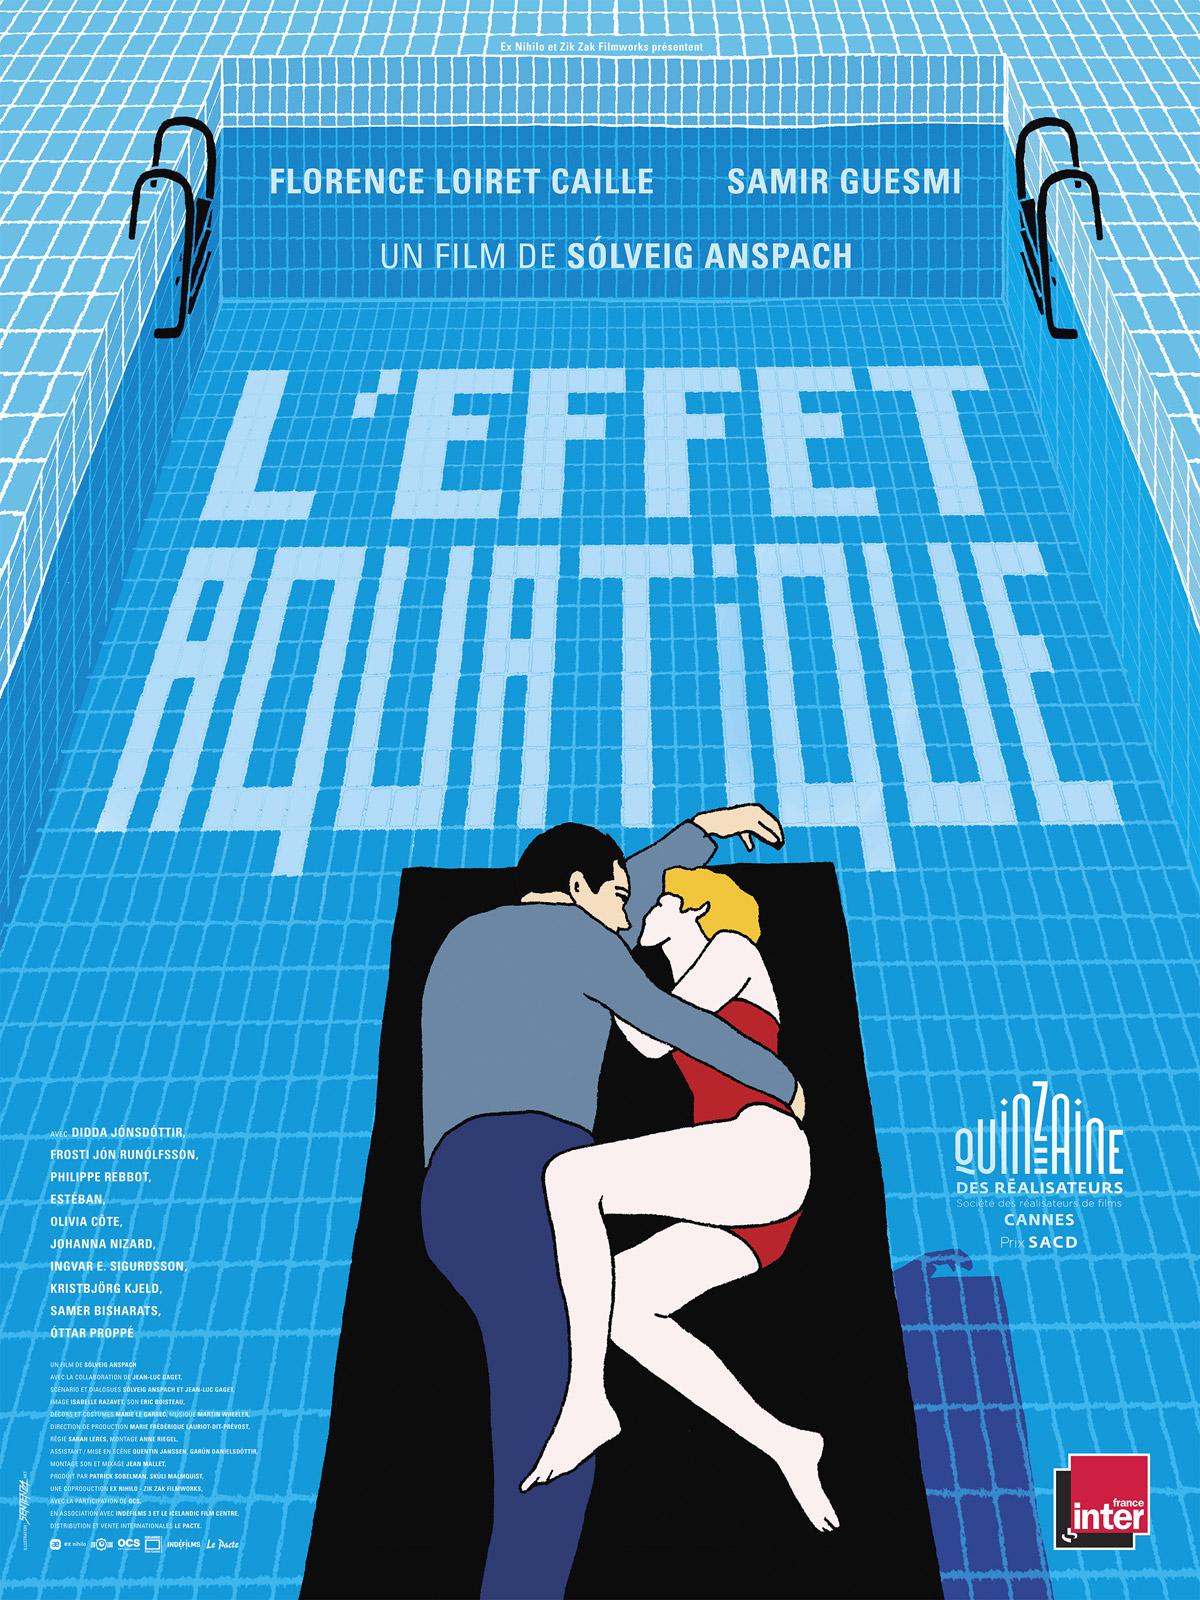 L'effet aquatique - Solveig Anspach - Florence Loiret-Caille - Samir Guesmi